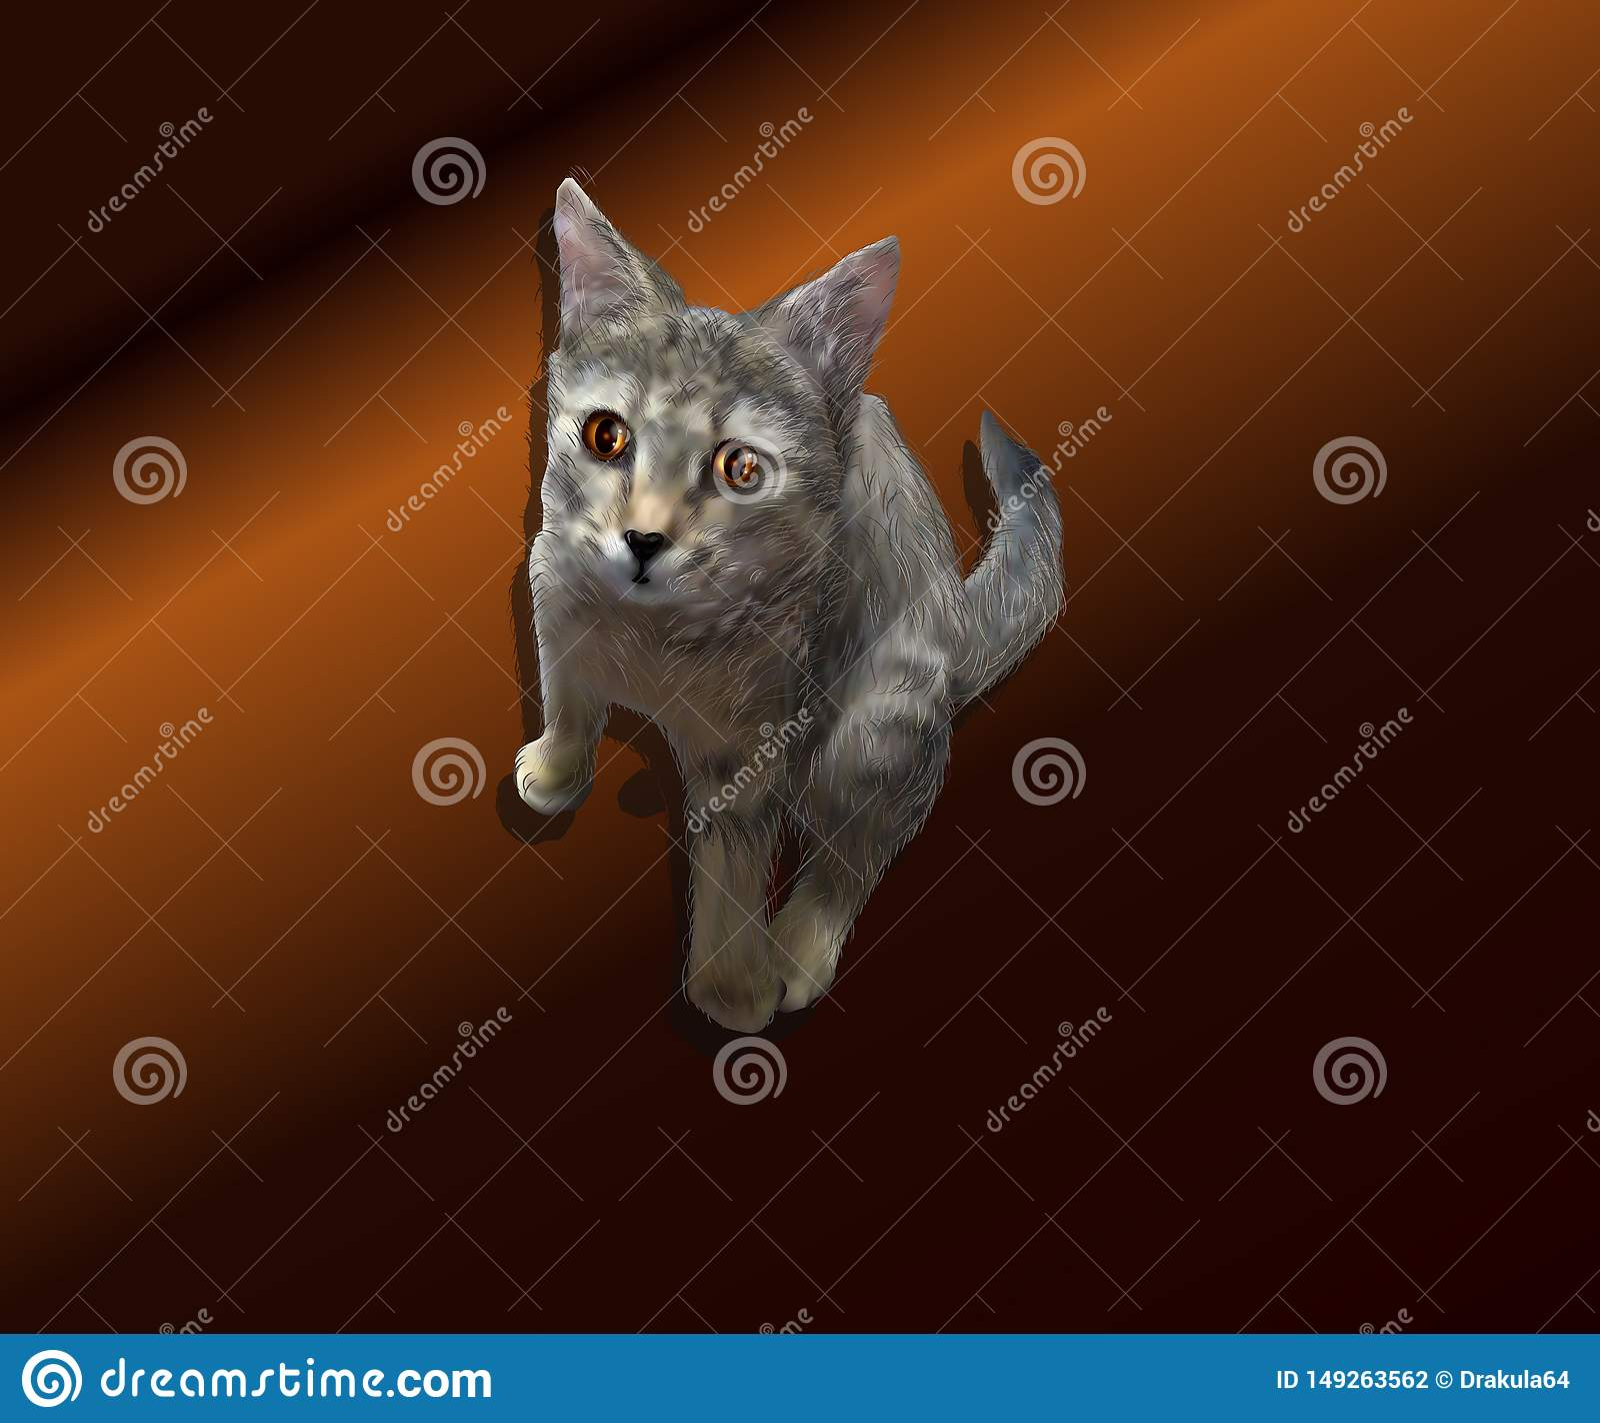 Illustrazione realistica di un gattino su un fondo marrone